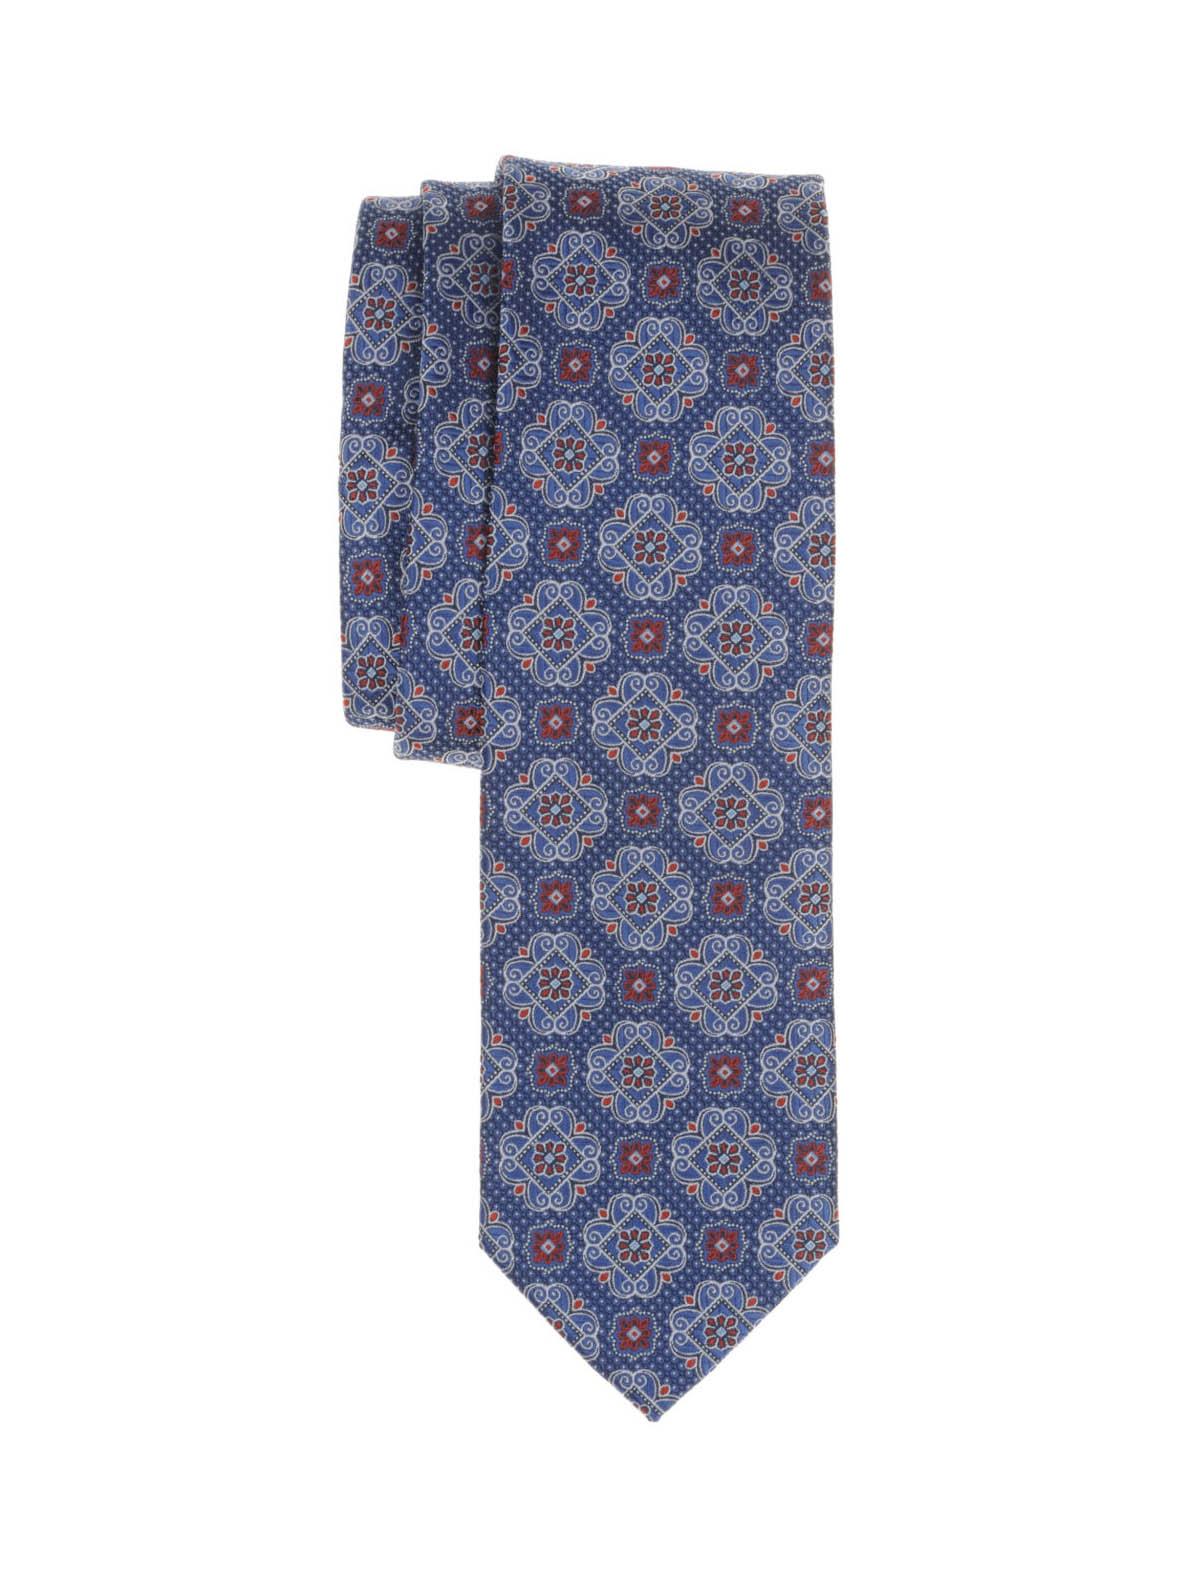 Pánská kravata Ethan modrá